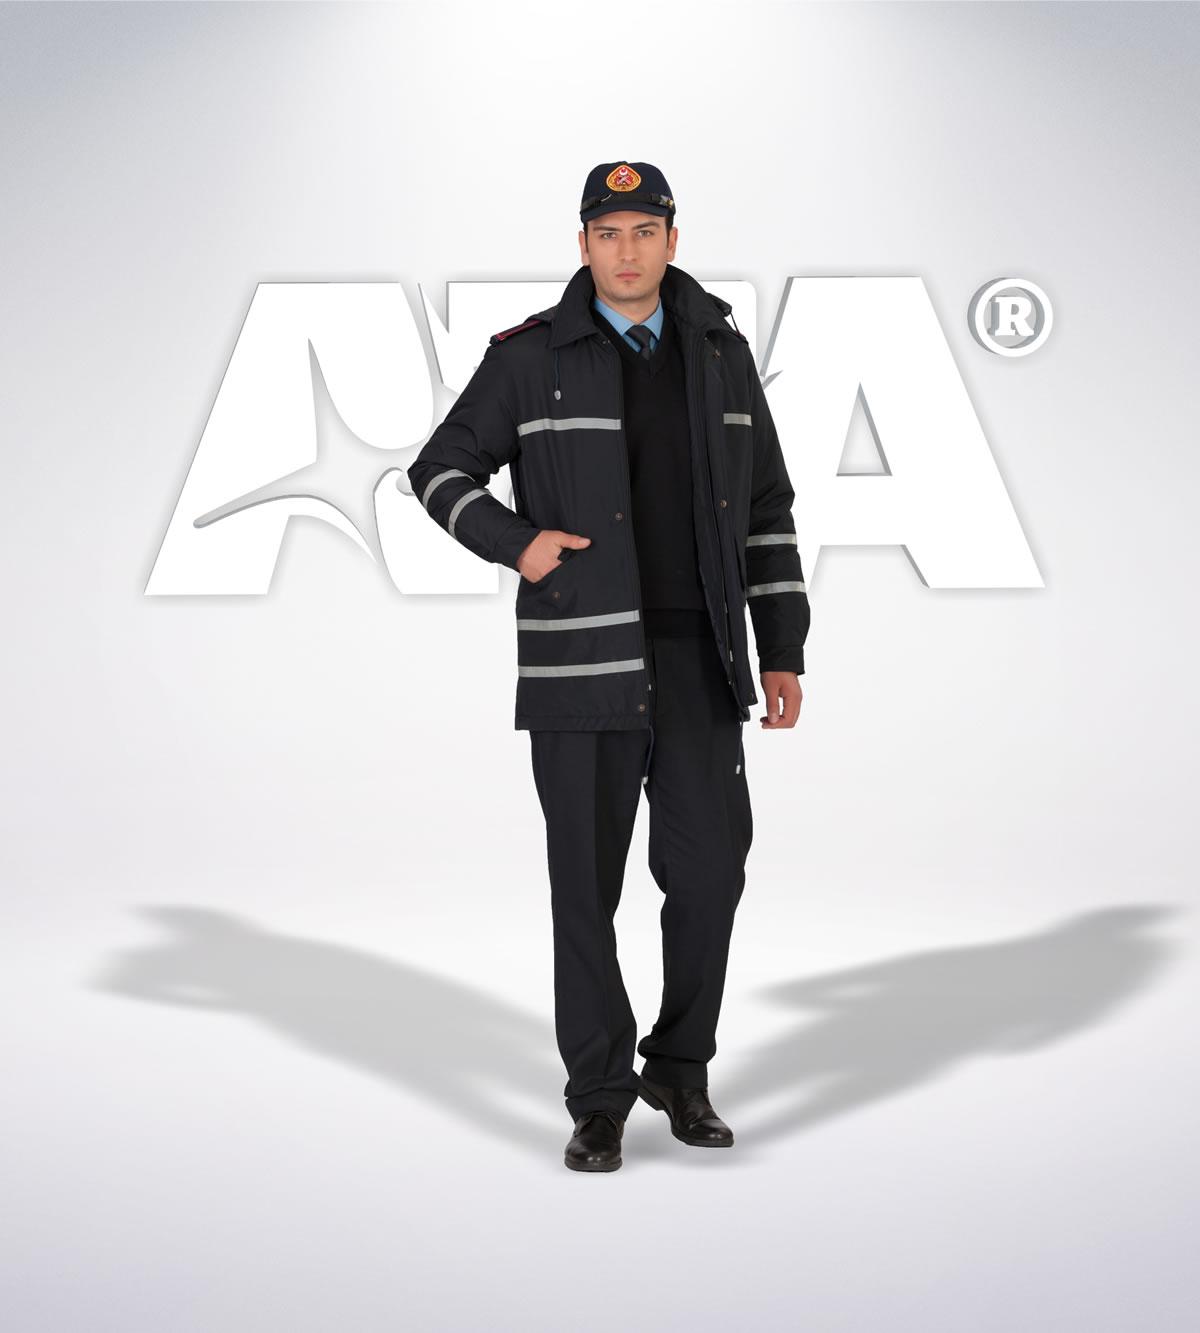 ATA 310 - ön - Pantolon kışlık -mont-reflektör-aksesuar - itfaiye elbiseleri | itfaiye üniformaları | itfaiye kıyafetleri